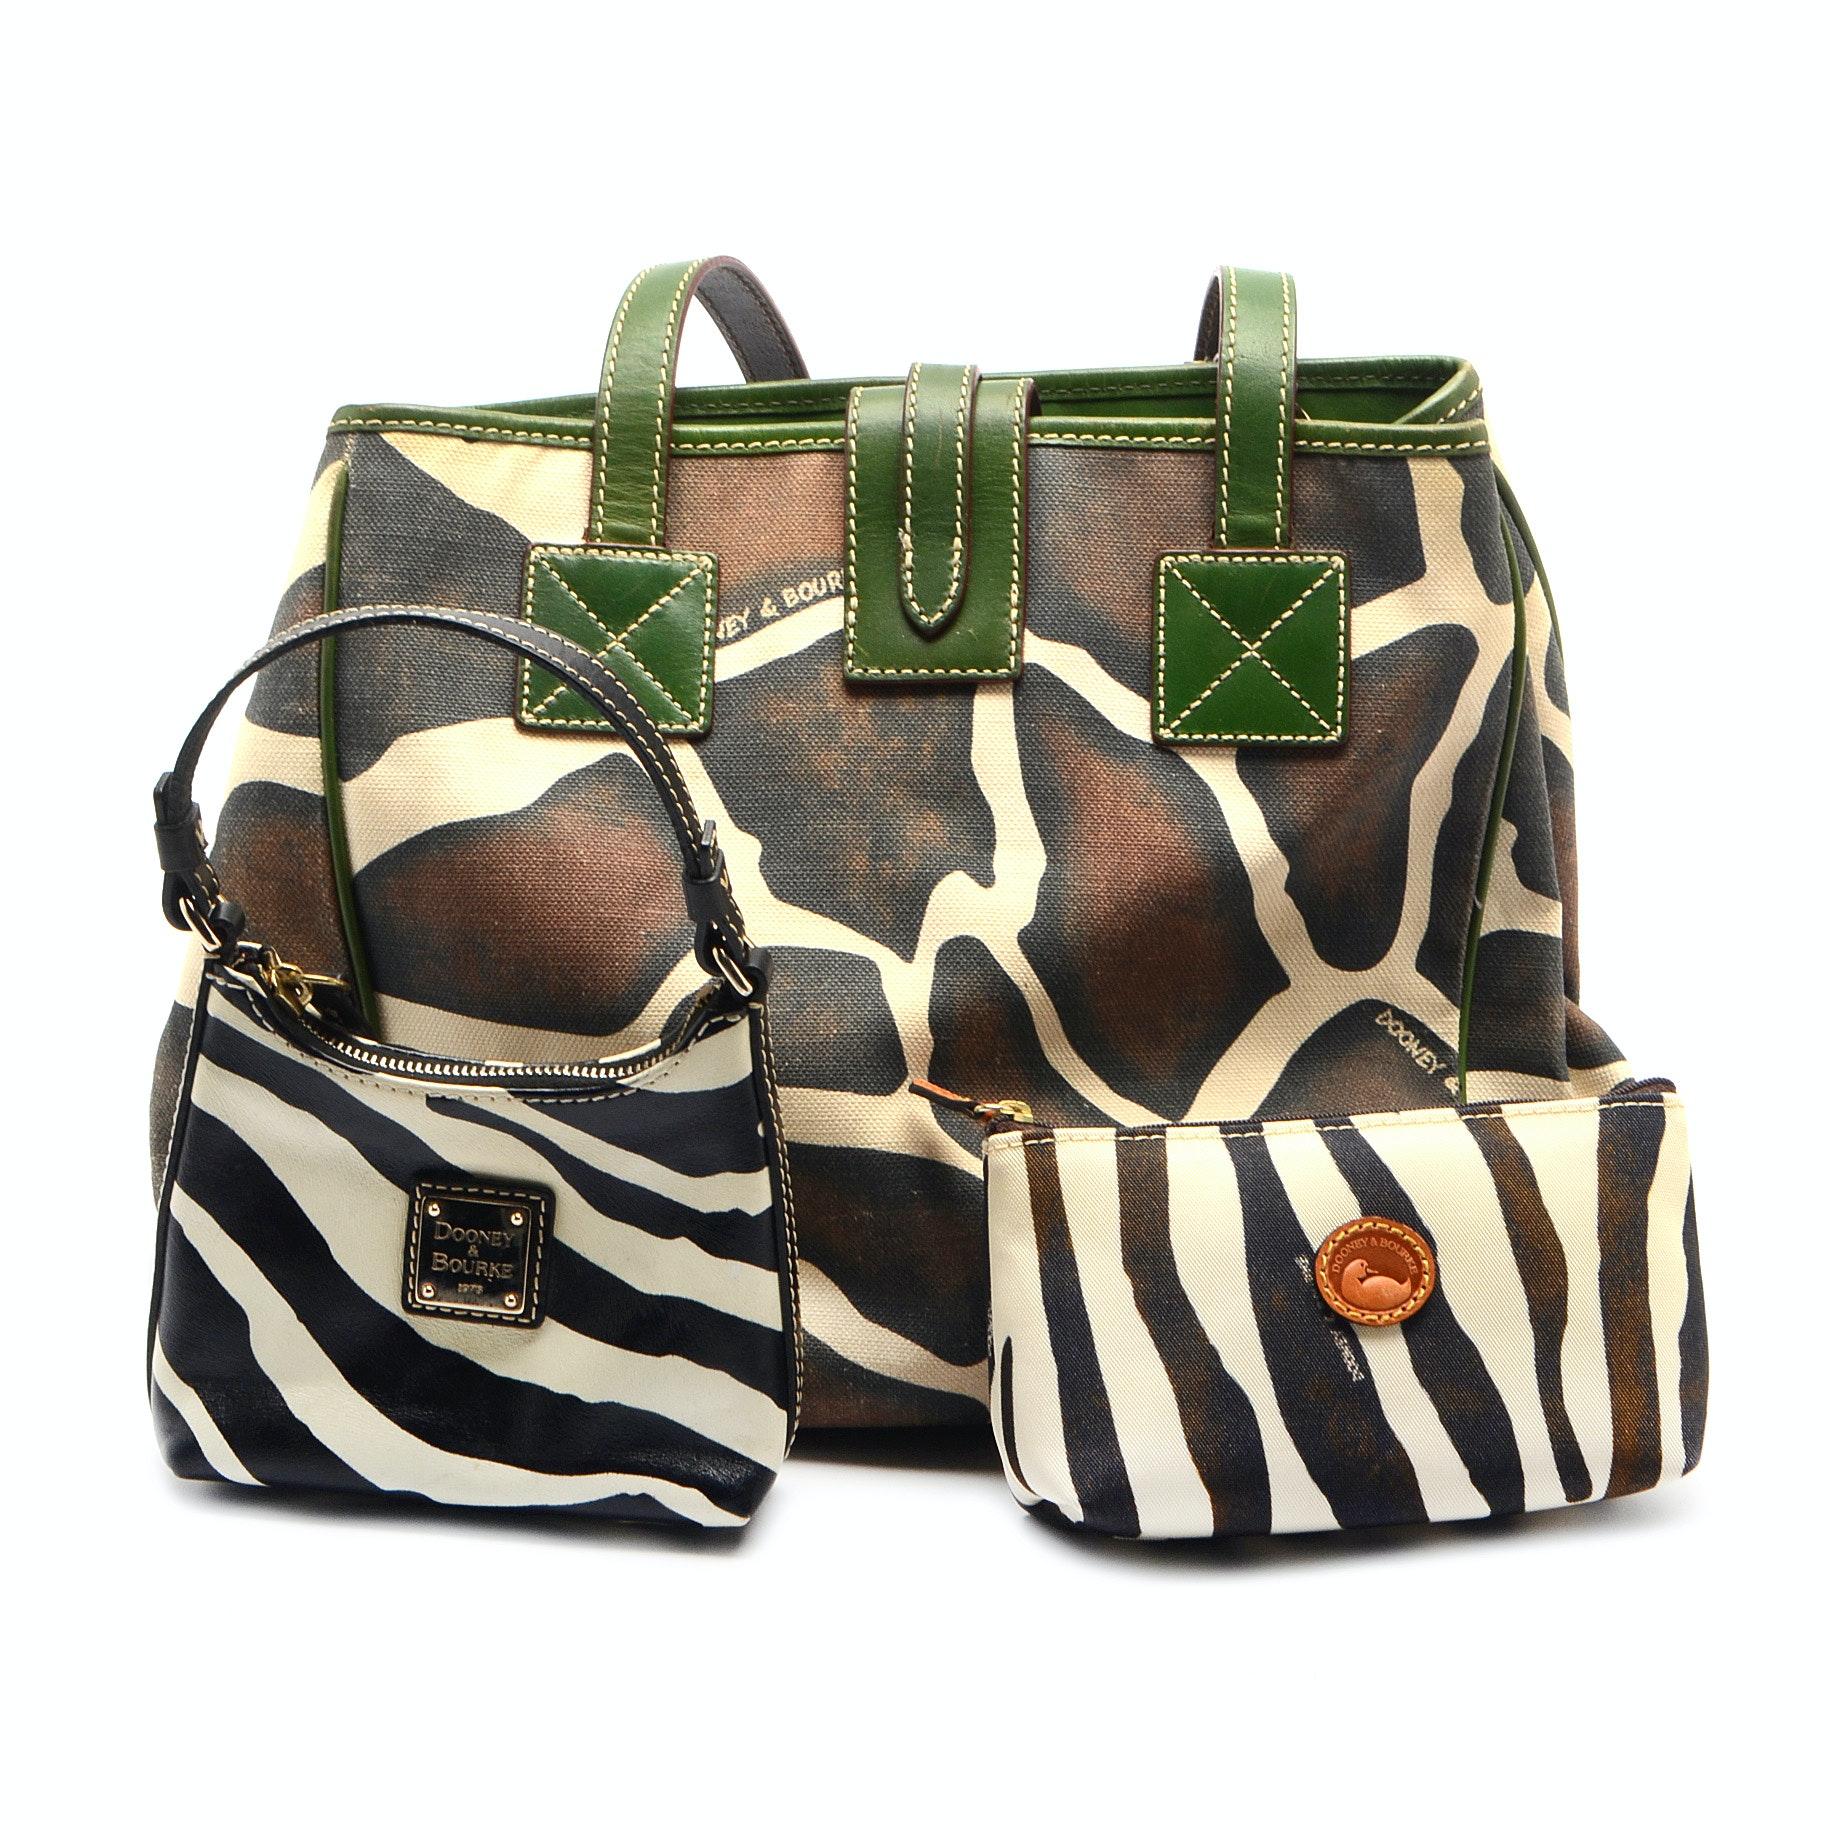 Dooney & Bourke Handbag and Other Accessories